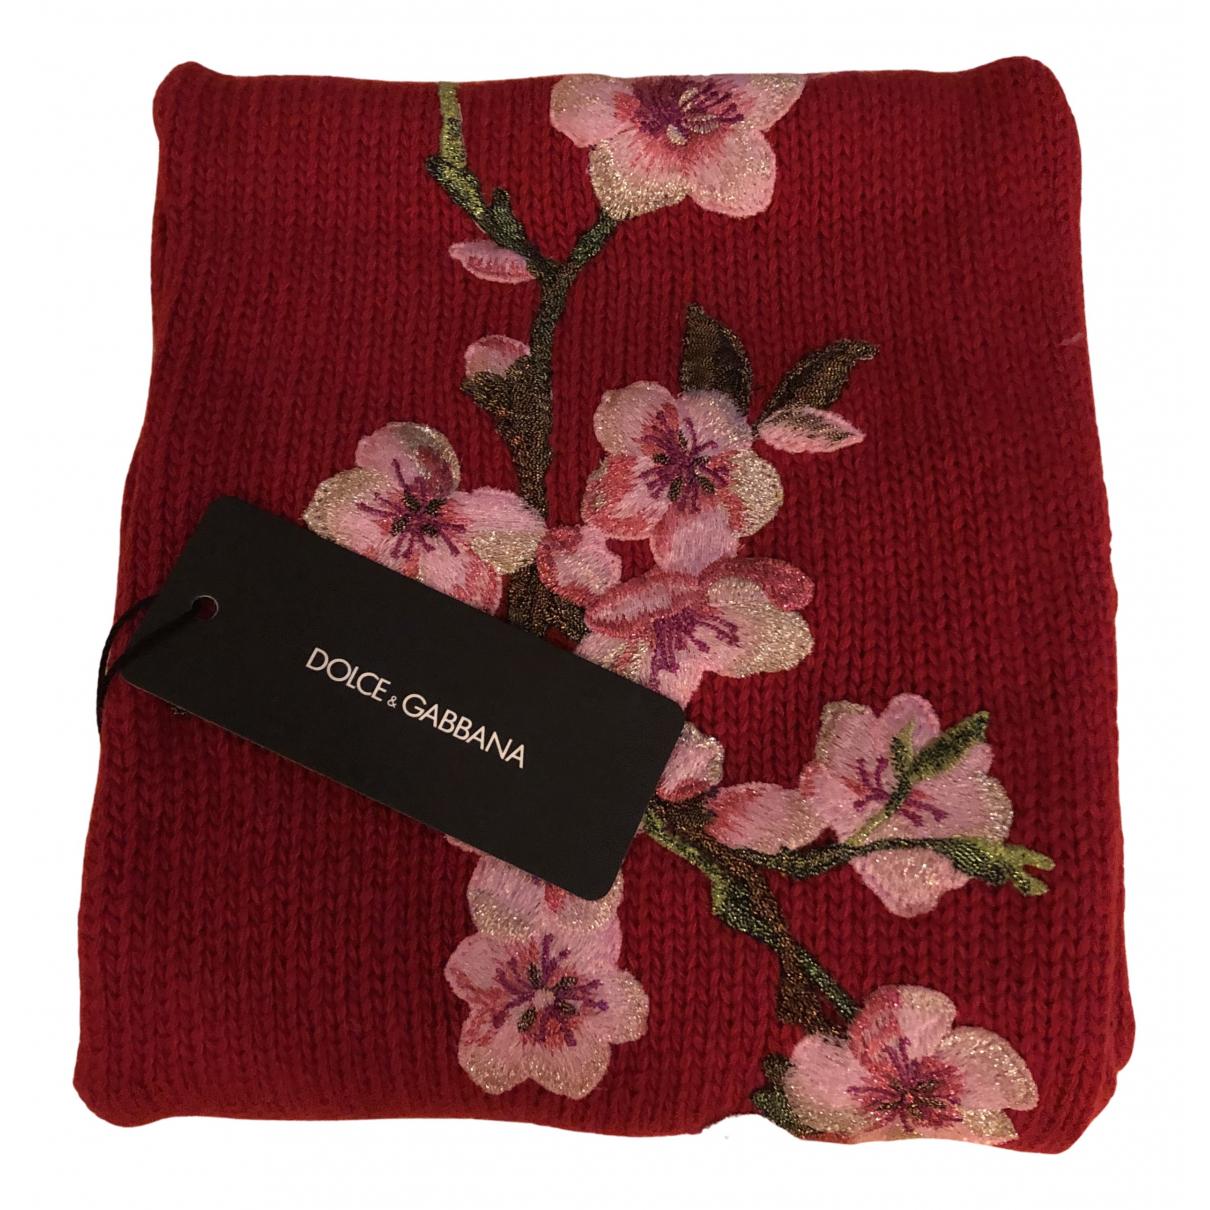 Bufanda Dolce & Gabbana